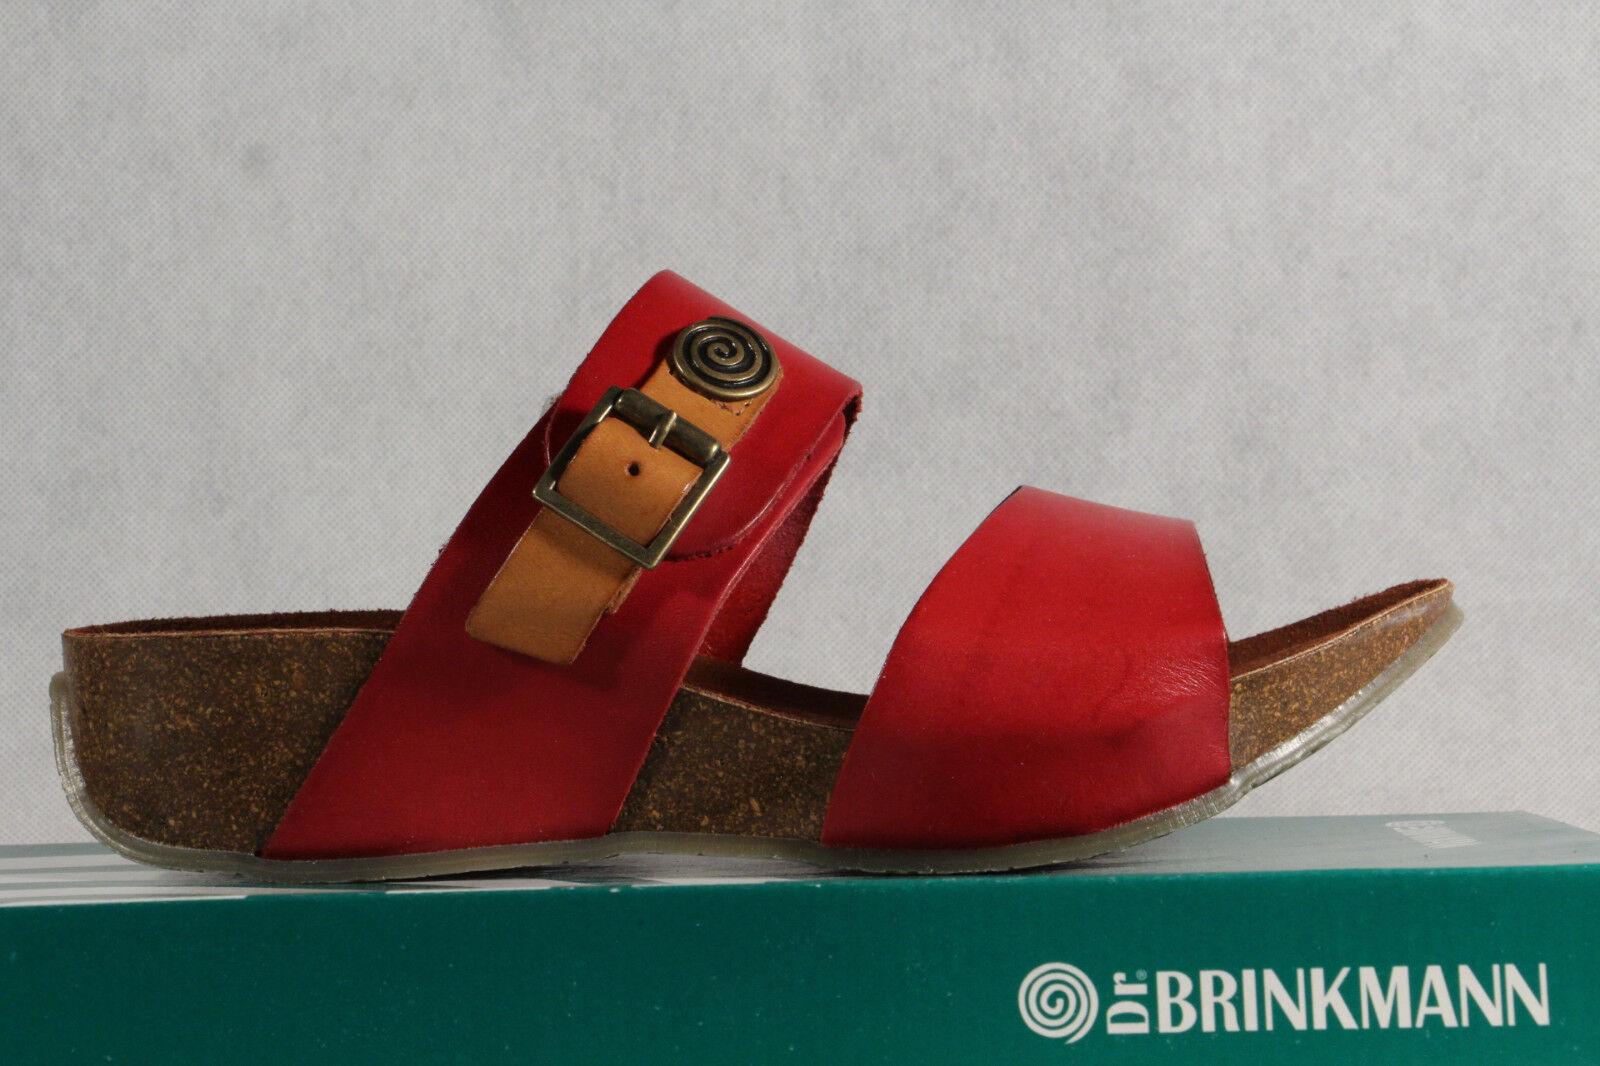 Dr. Brinkmann Sandalias de Mujer Zapatilla Cuero Auténtico Rojo Nuevo